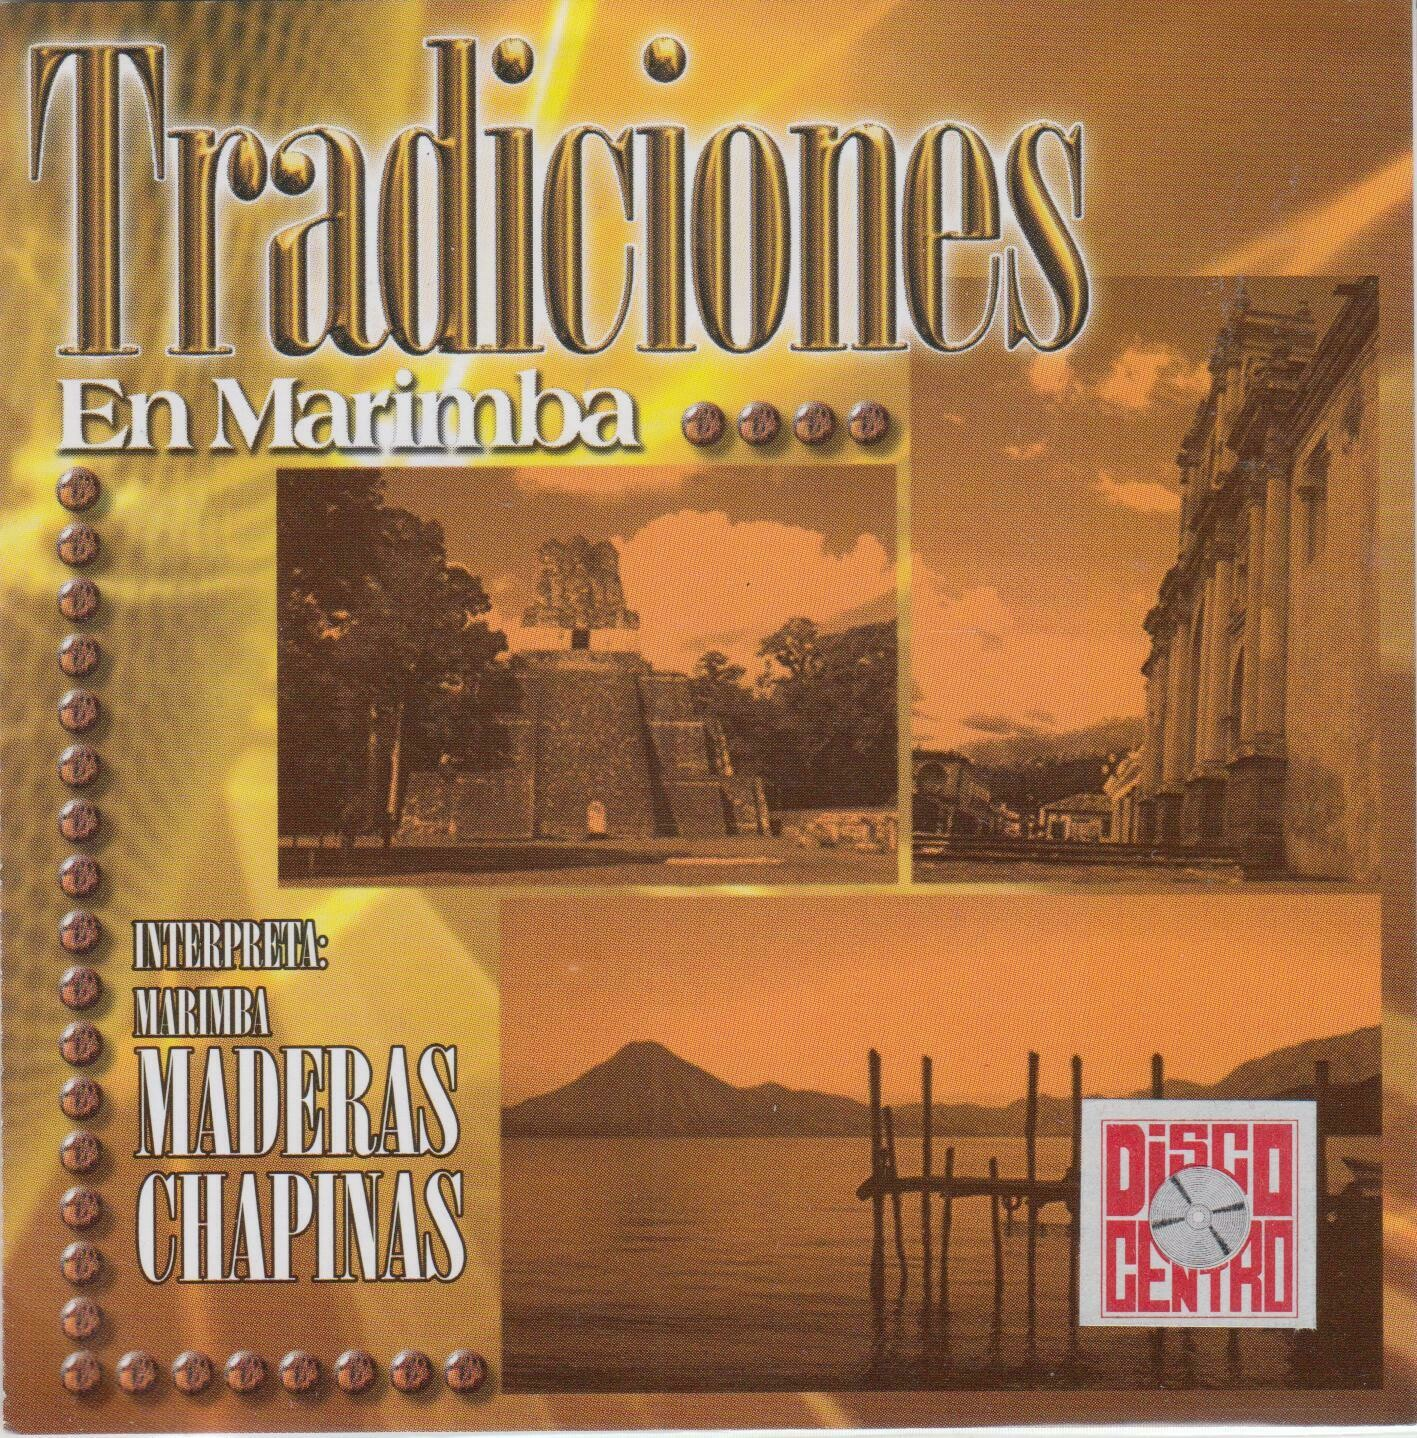 CD Maderas Chapinas... Tradiciones